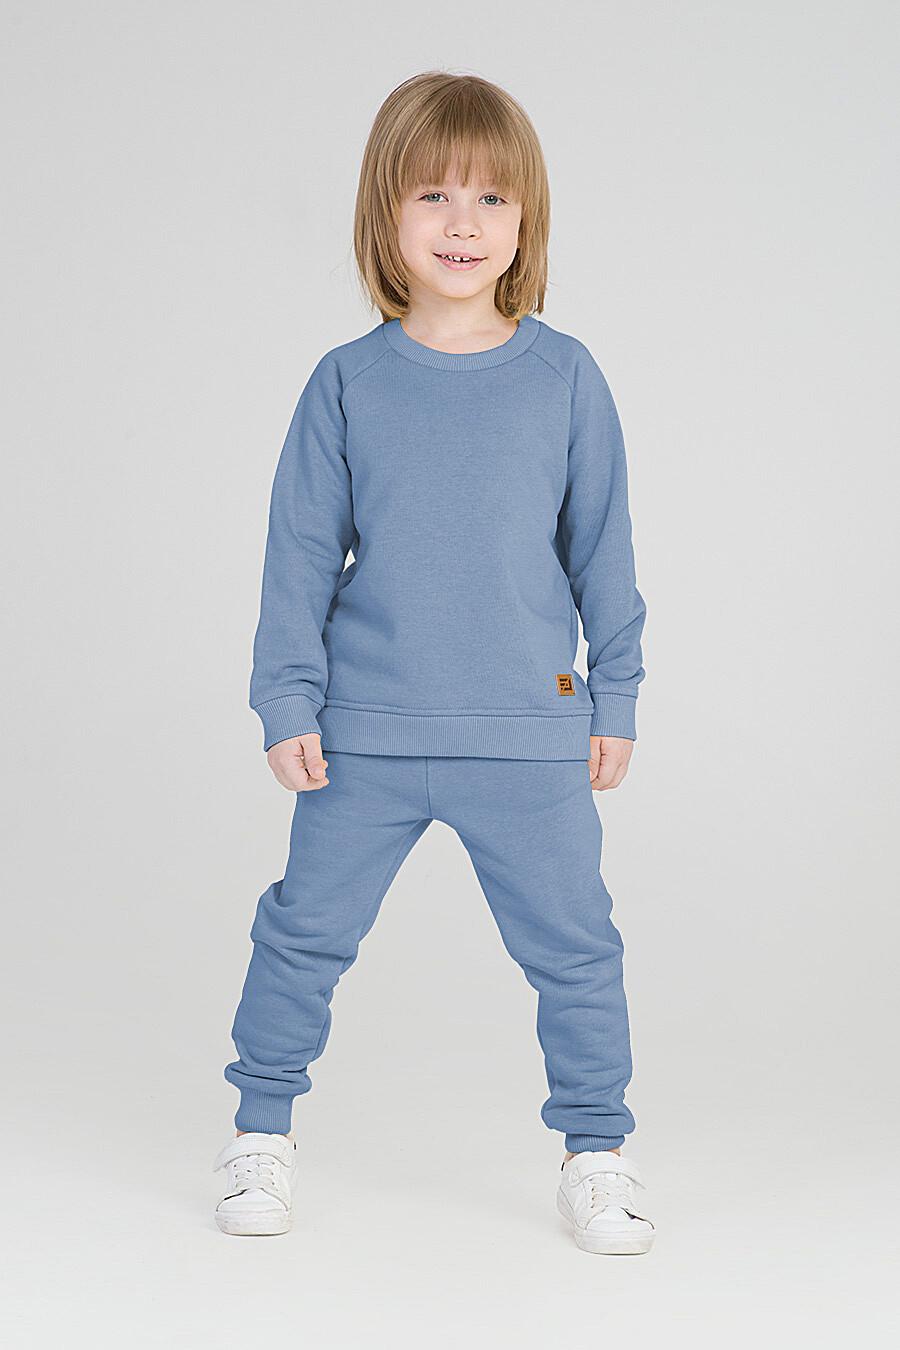 Свитшот для мальчиков EZANNA 649349 купить оптом от производителя. Совместная покупка детской одежды в OptMoyo